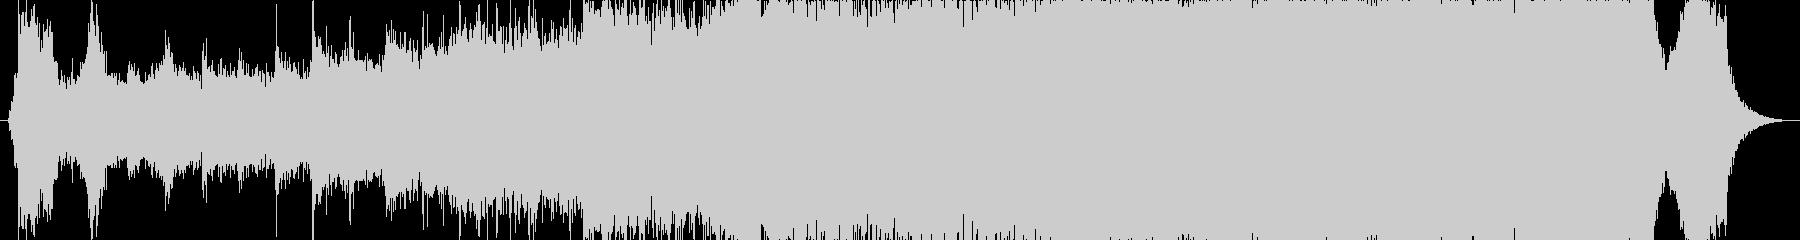 現代的 交響曲 バトル 焦り ドラ...の未再生の波形